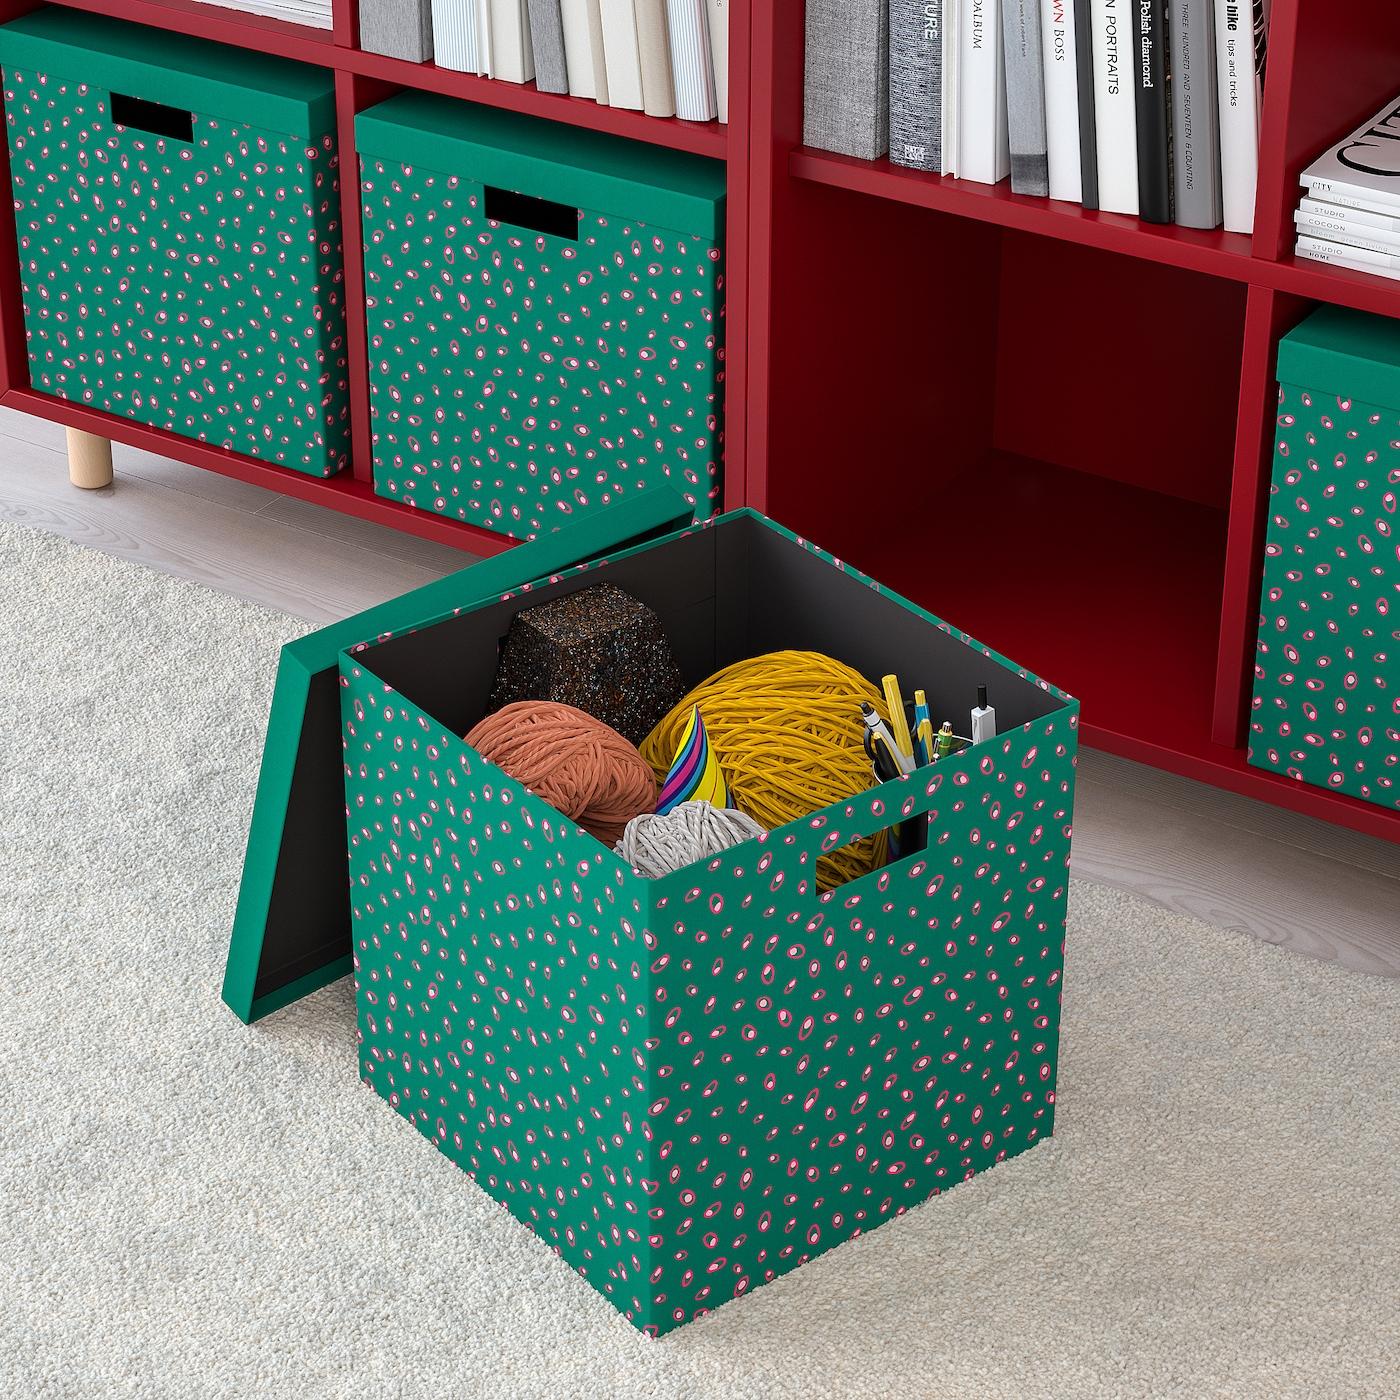 Full Size of Comodulkche Tjena Kasten Mit Deckel Grn Punkte Ikea Modulküche Holz Wohnzimmer Modulküche Cocoon